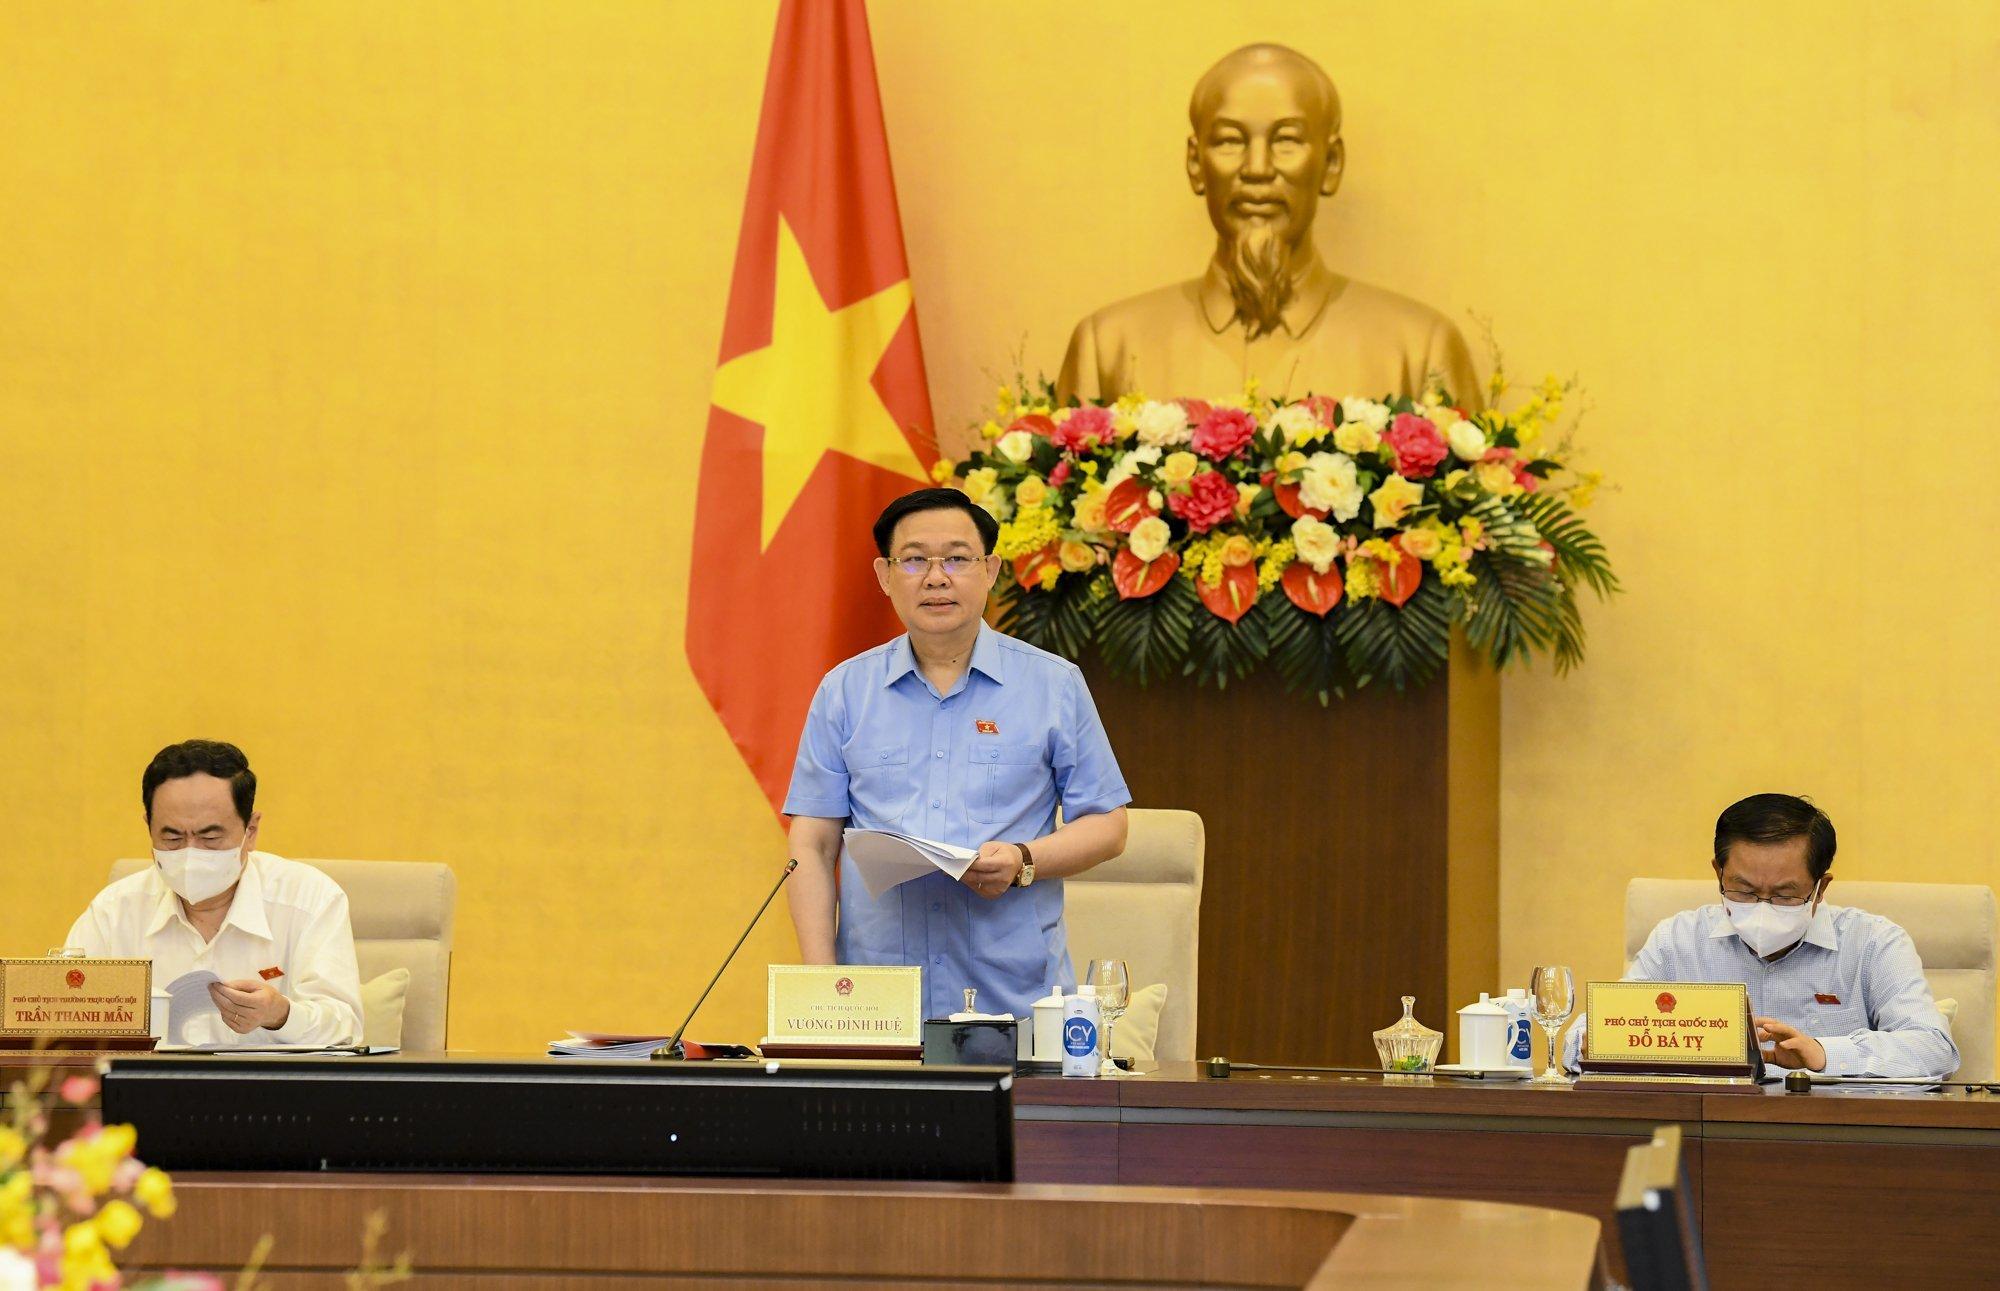 Tập đoàn điện lực, TP Hà Nội tiết kiệm ngân sách nhiều nhất cả nước năm 2020